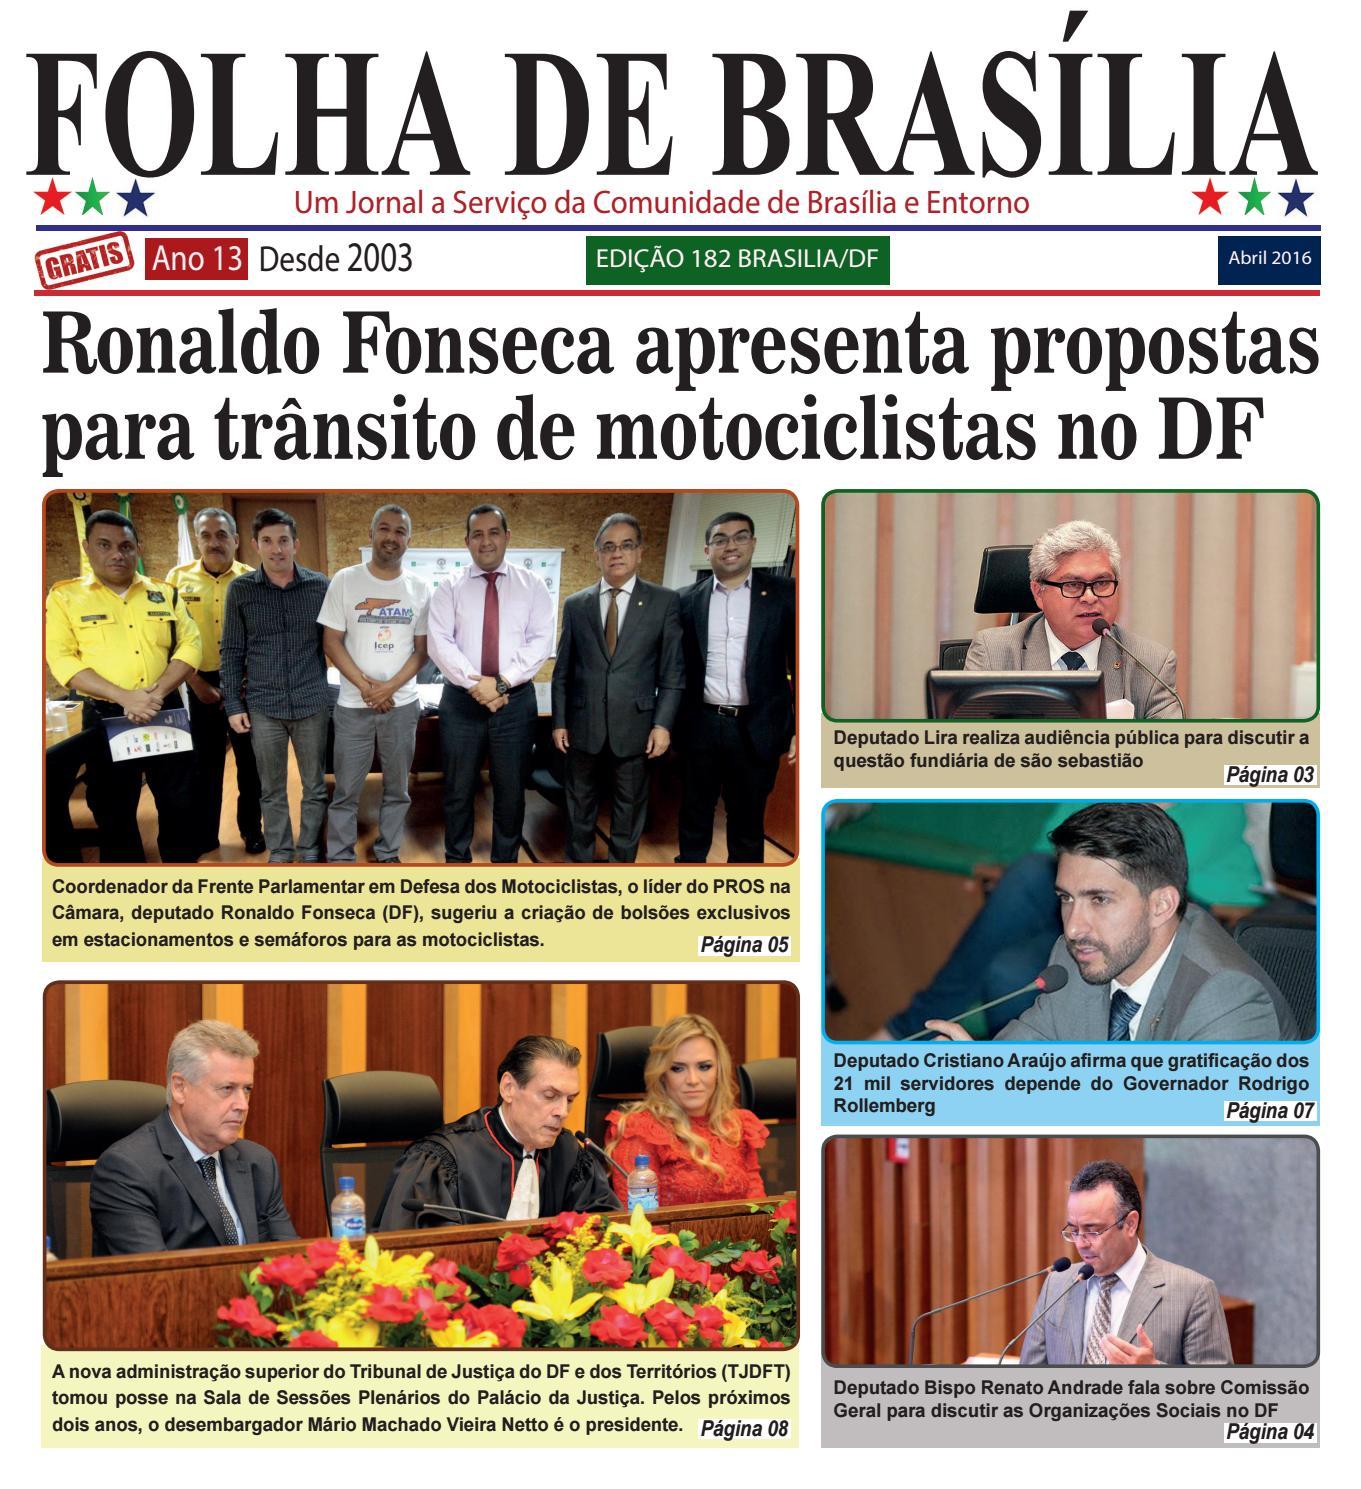 66b6fcdf4af JORNAL FOLHA DE BRASILIA - ABRIL 2016 by diagramacaodf - issuu